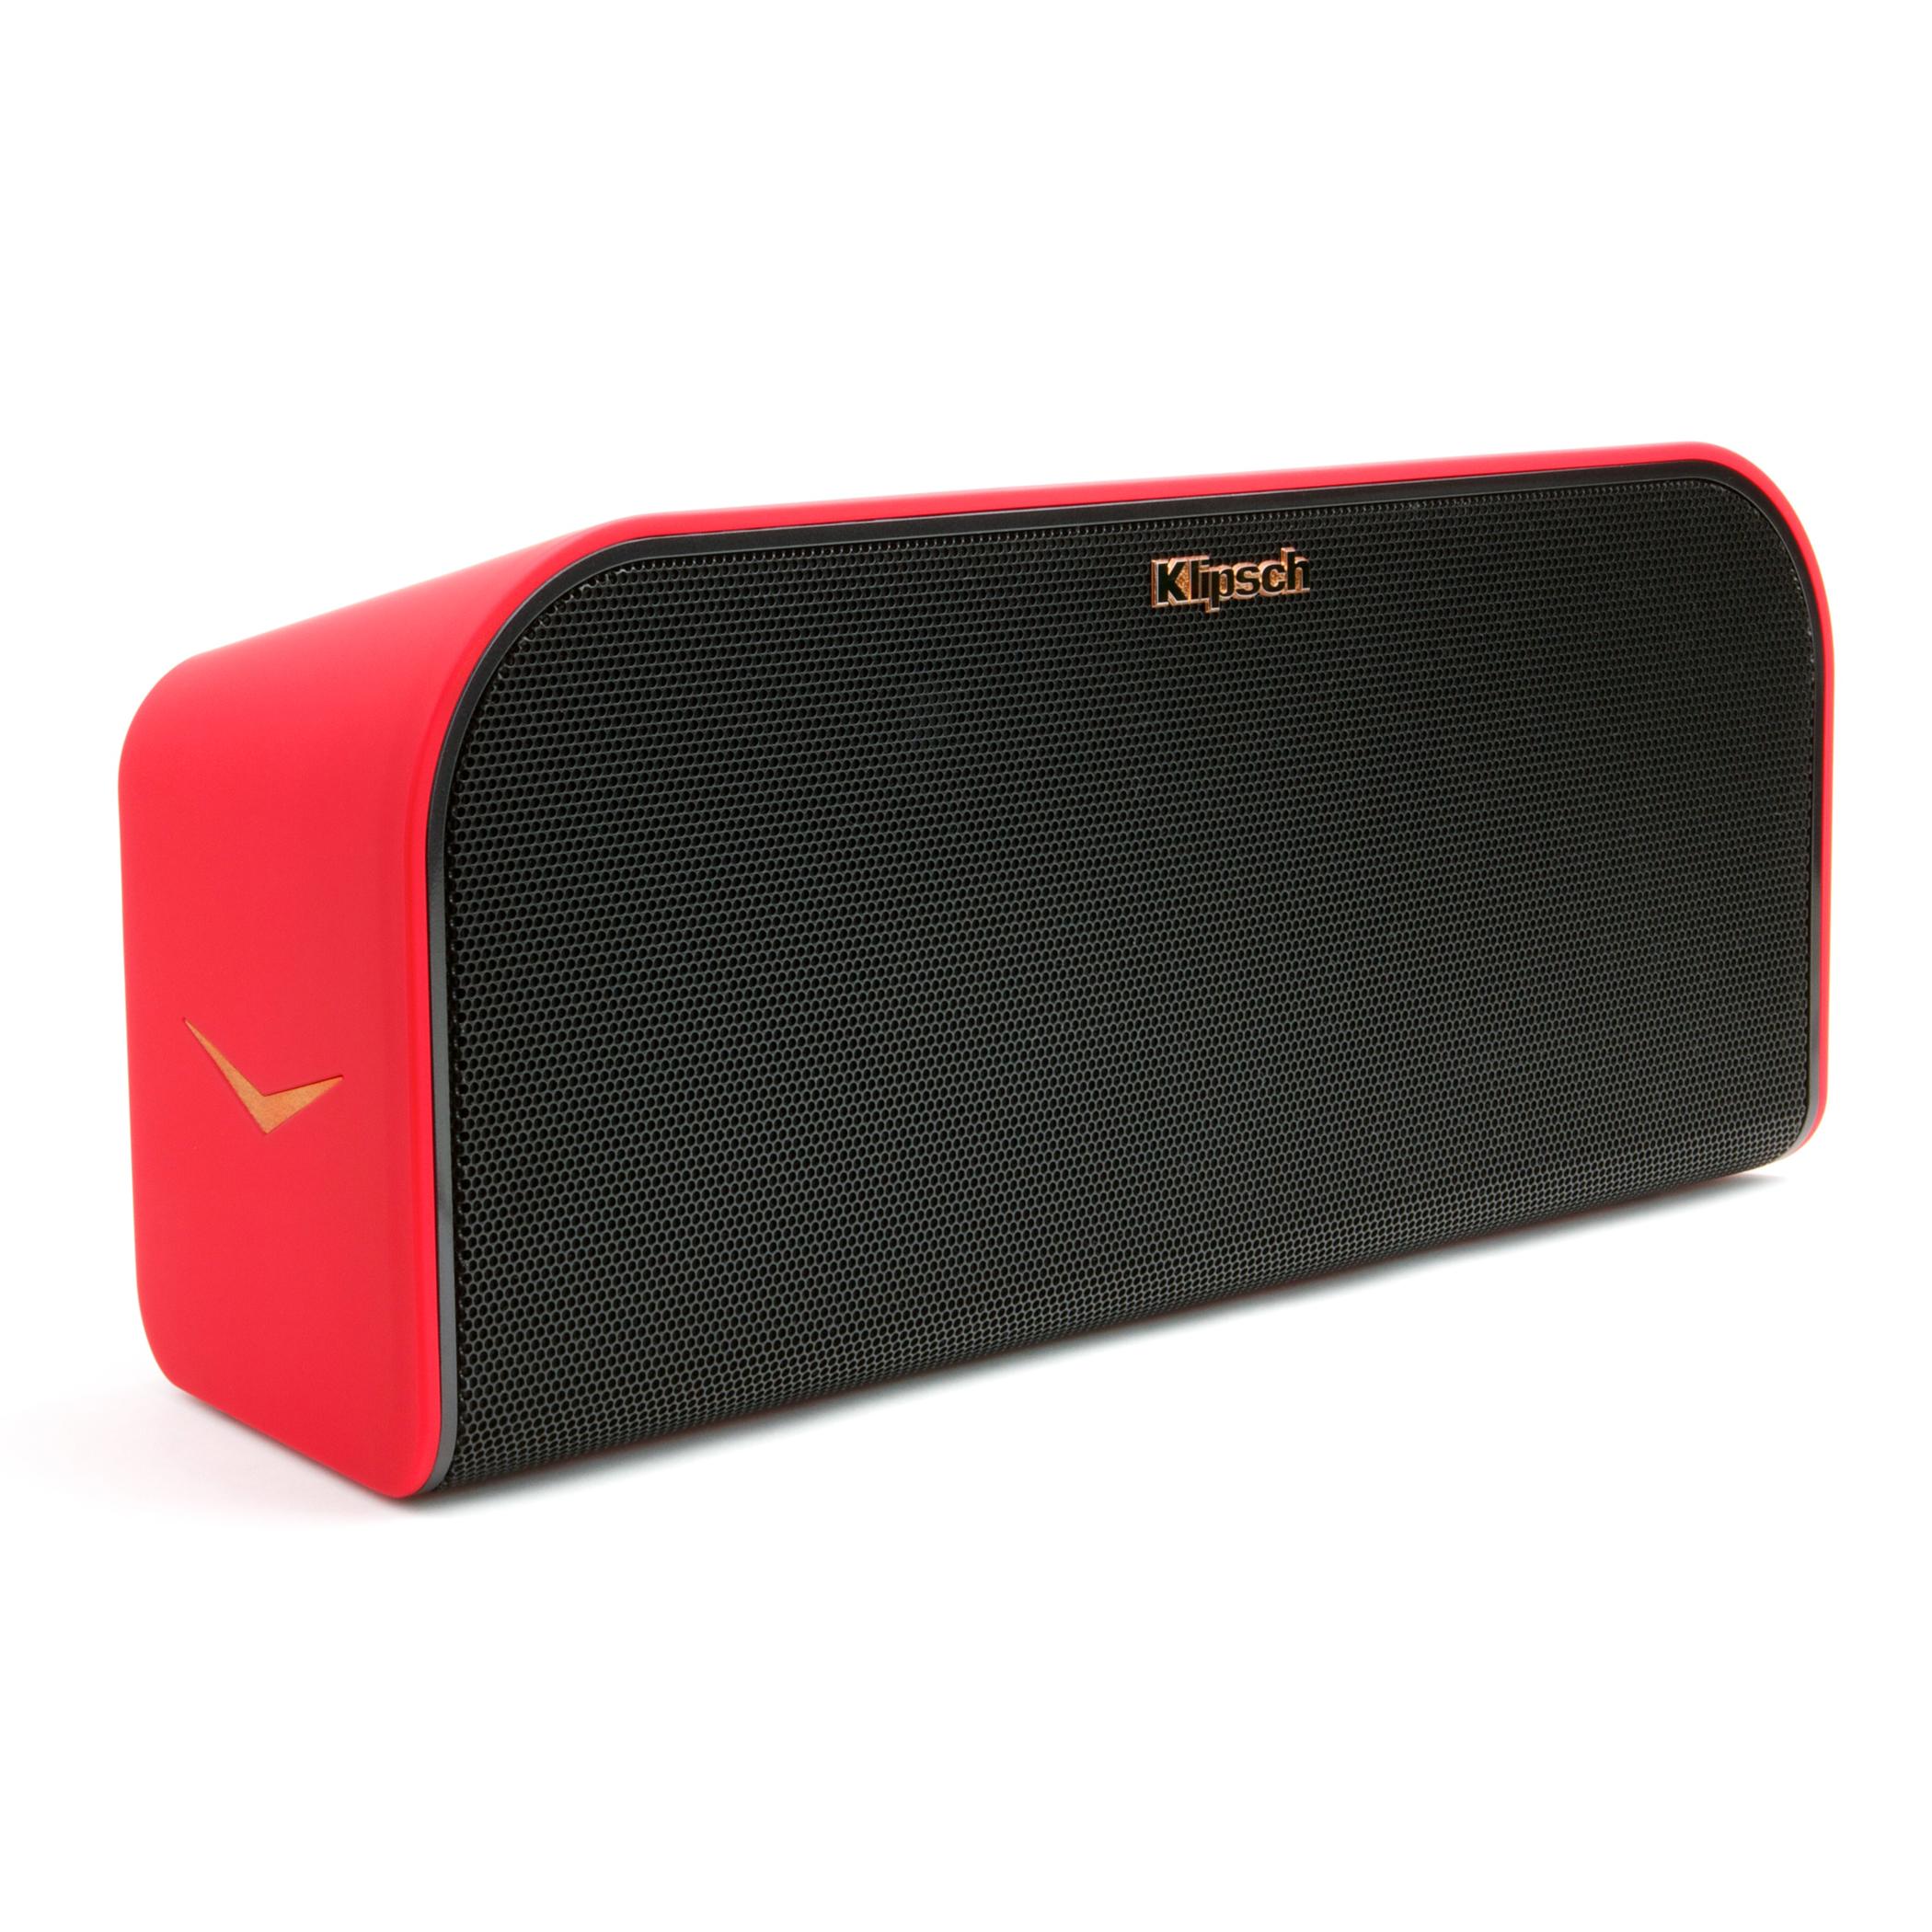 Klipsch KMC 3 Bezprzewodowy system muzyczny Kolor: Czerwony Polska Gwarancja